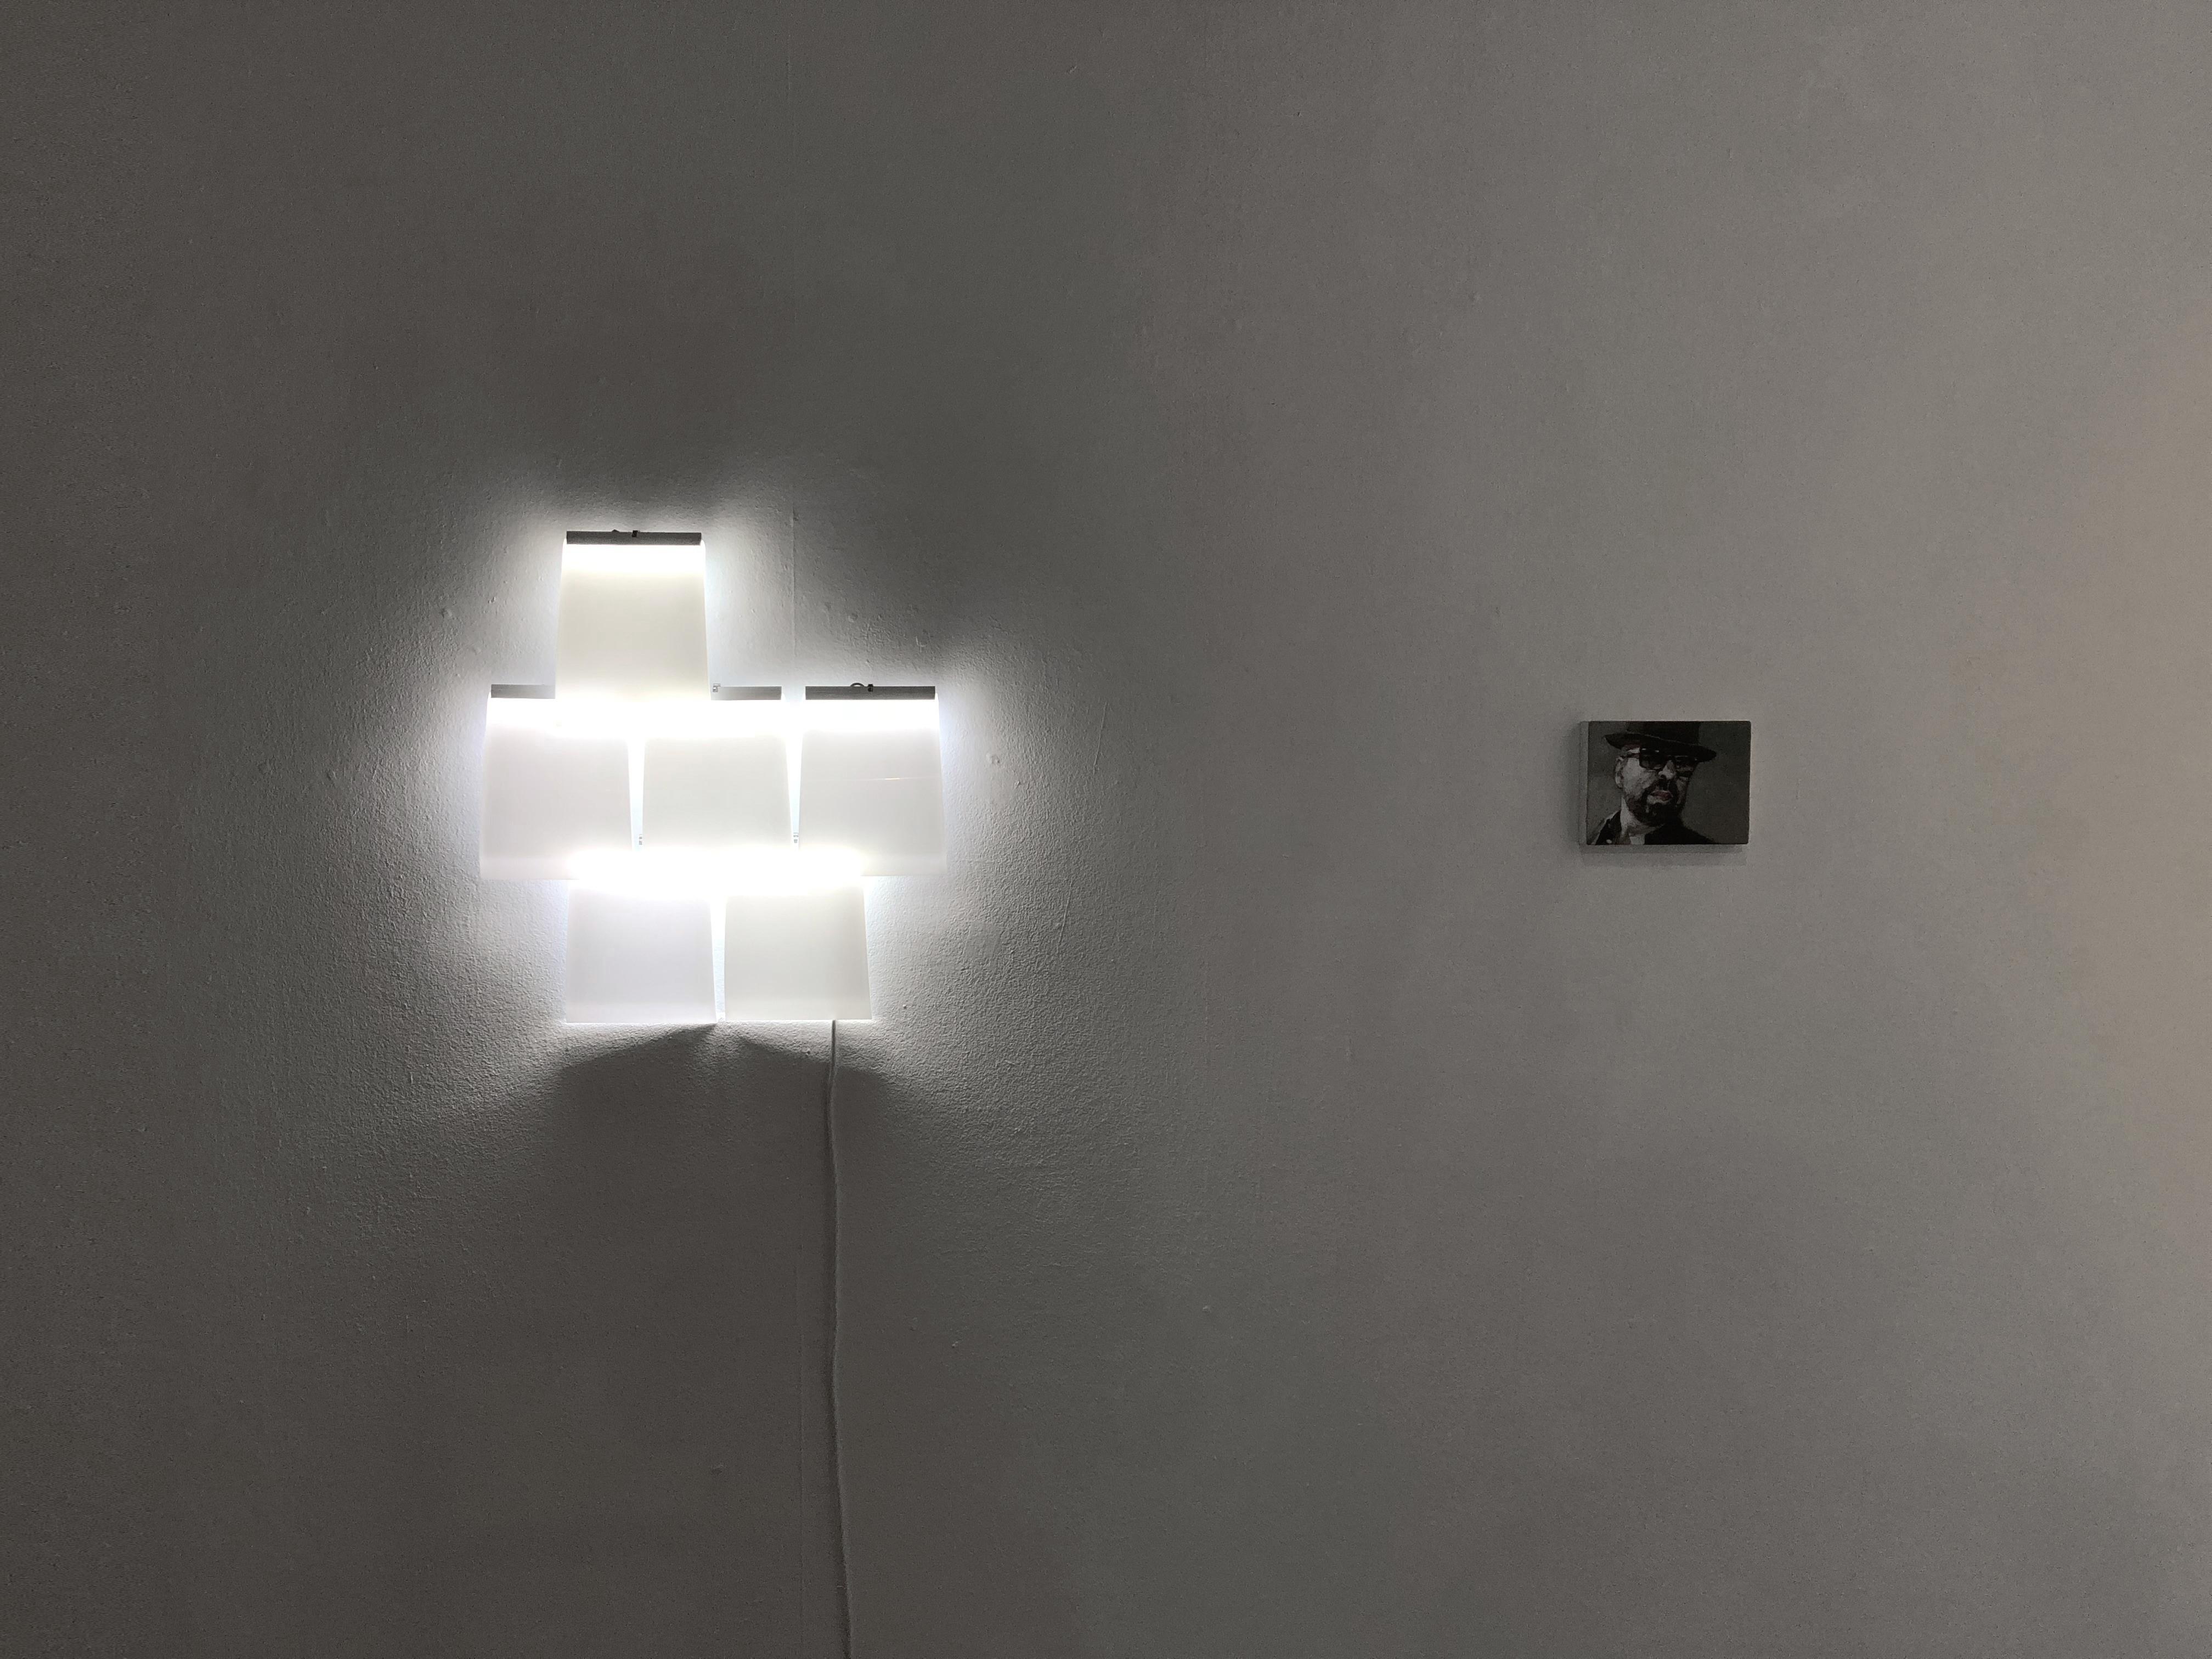 Lichtobjekt-Wand_KVD-Galerie-leuchtend